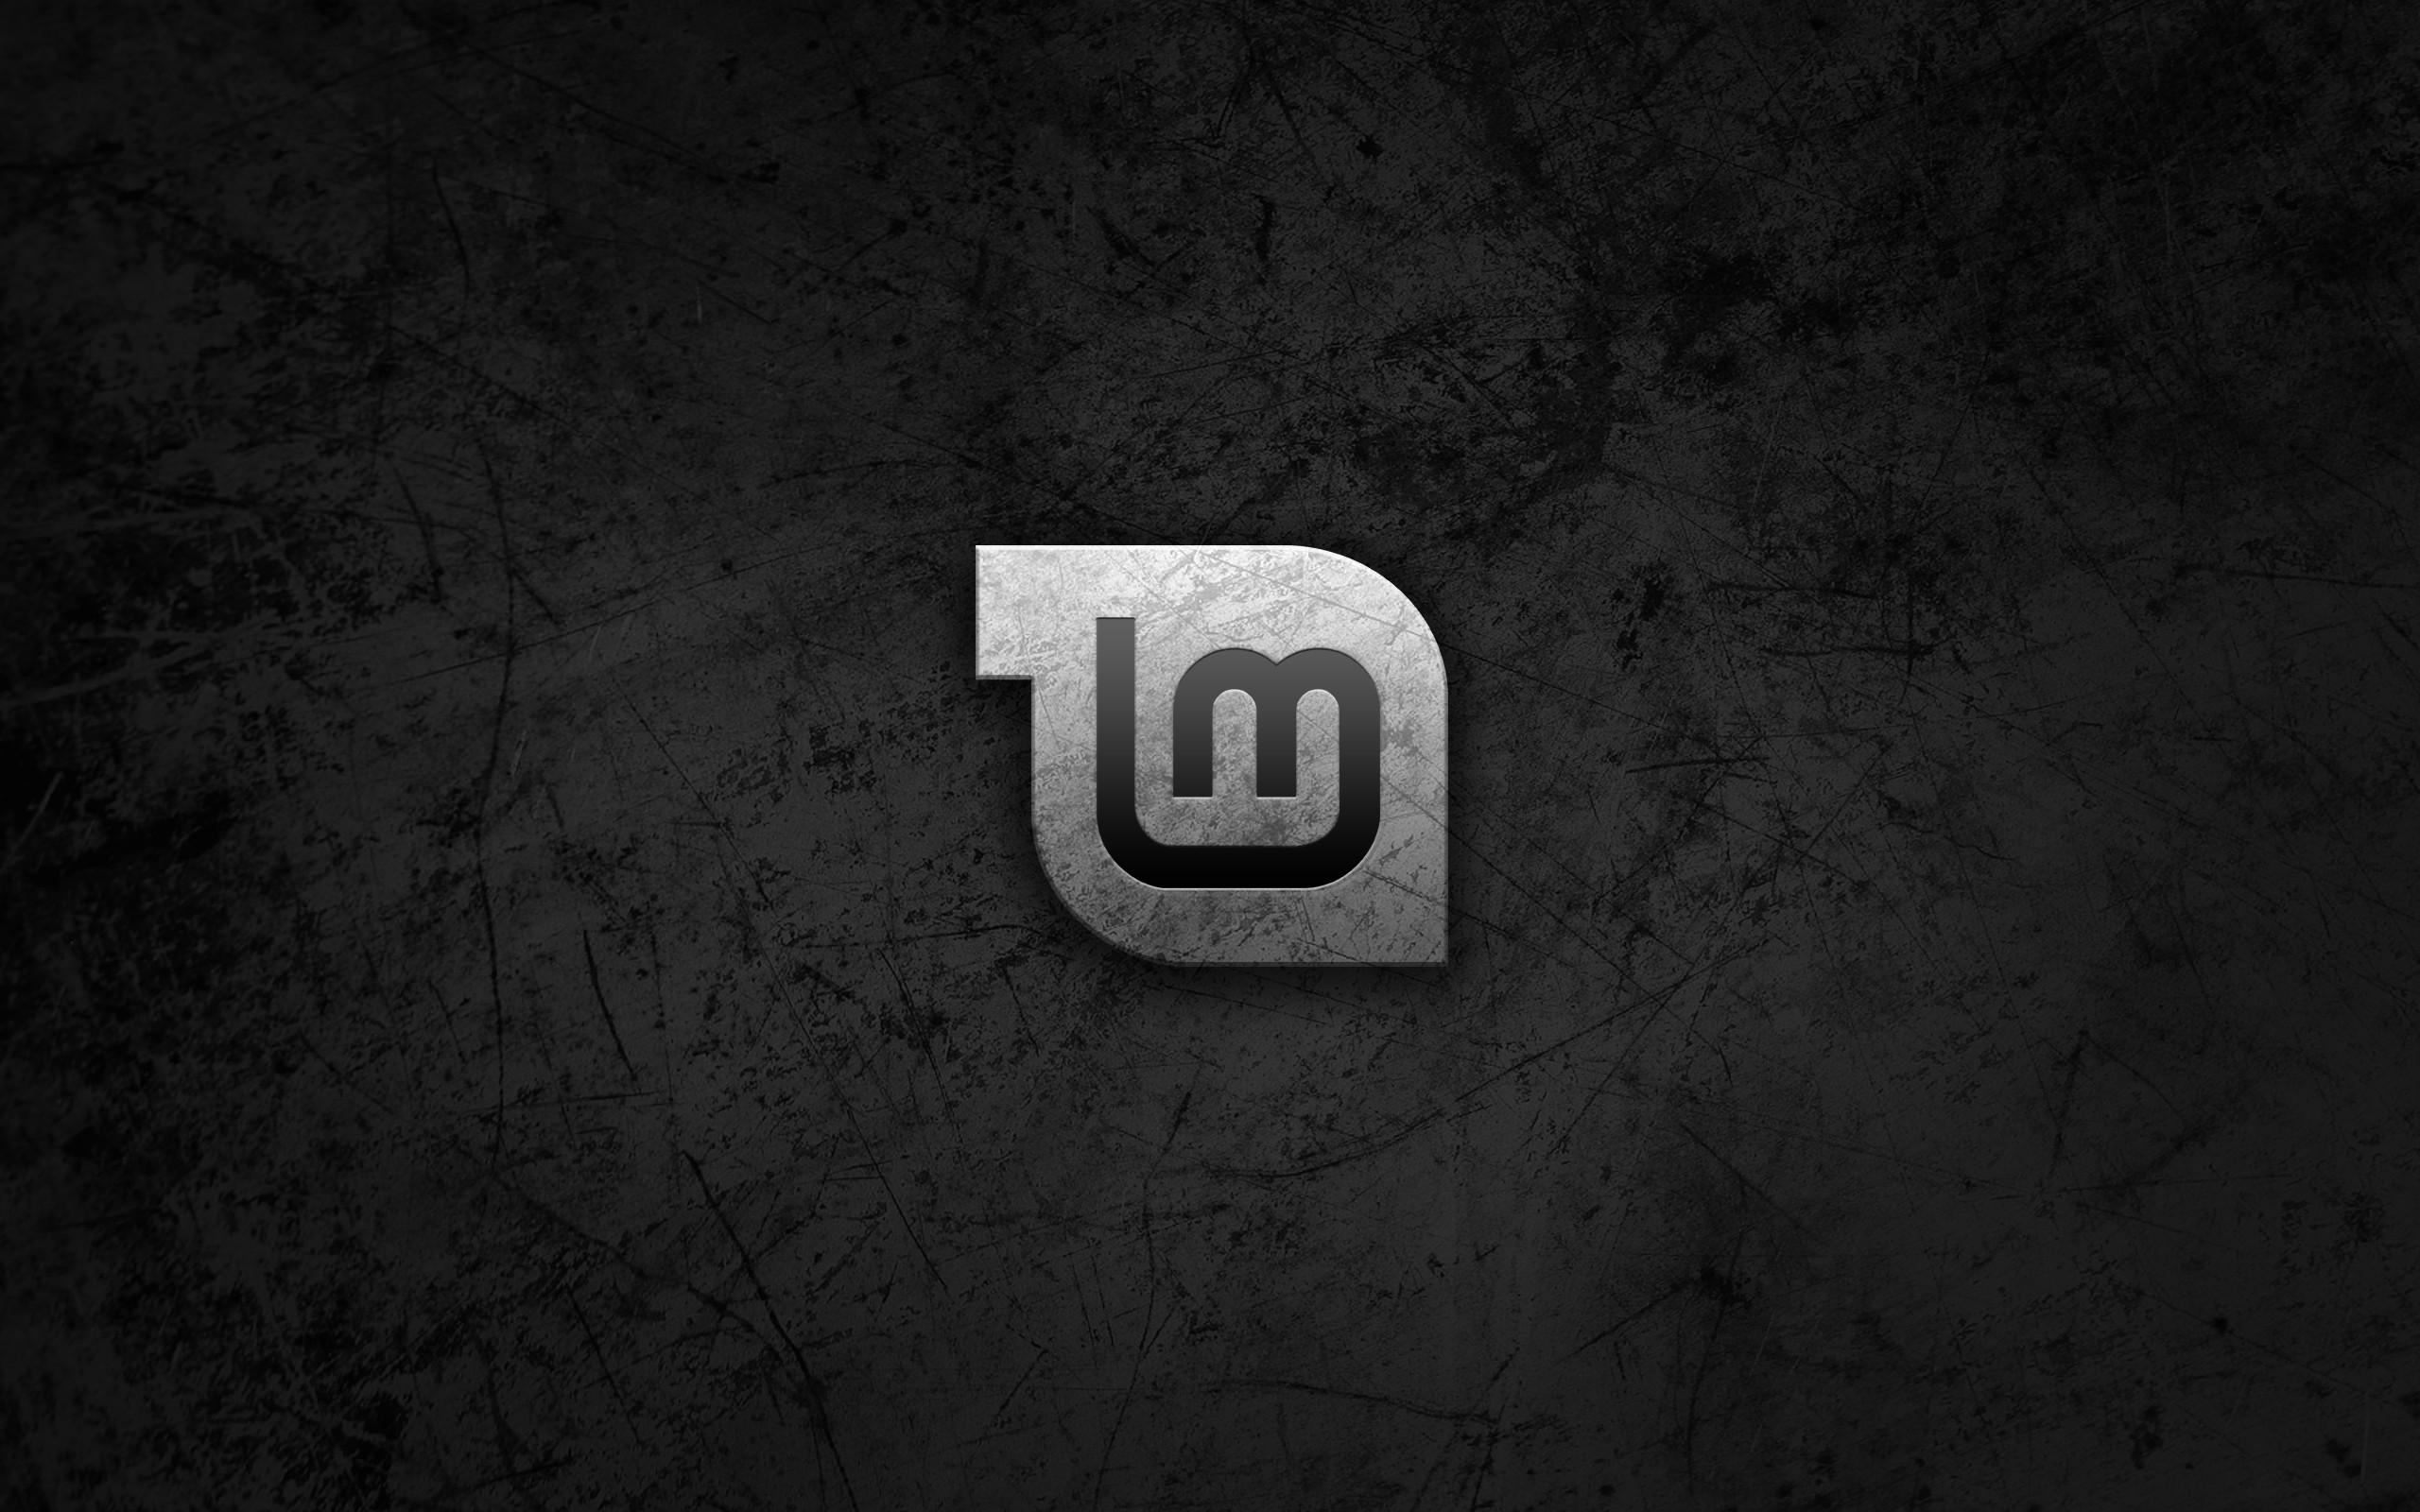 デスクトップ壁紙 2560x1600 Px Gnu Linux Mint 2560x1600 Wallbase デスクトップ壁紙 Wallhere